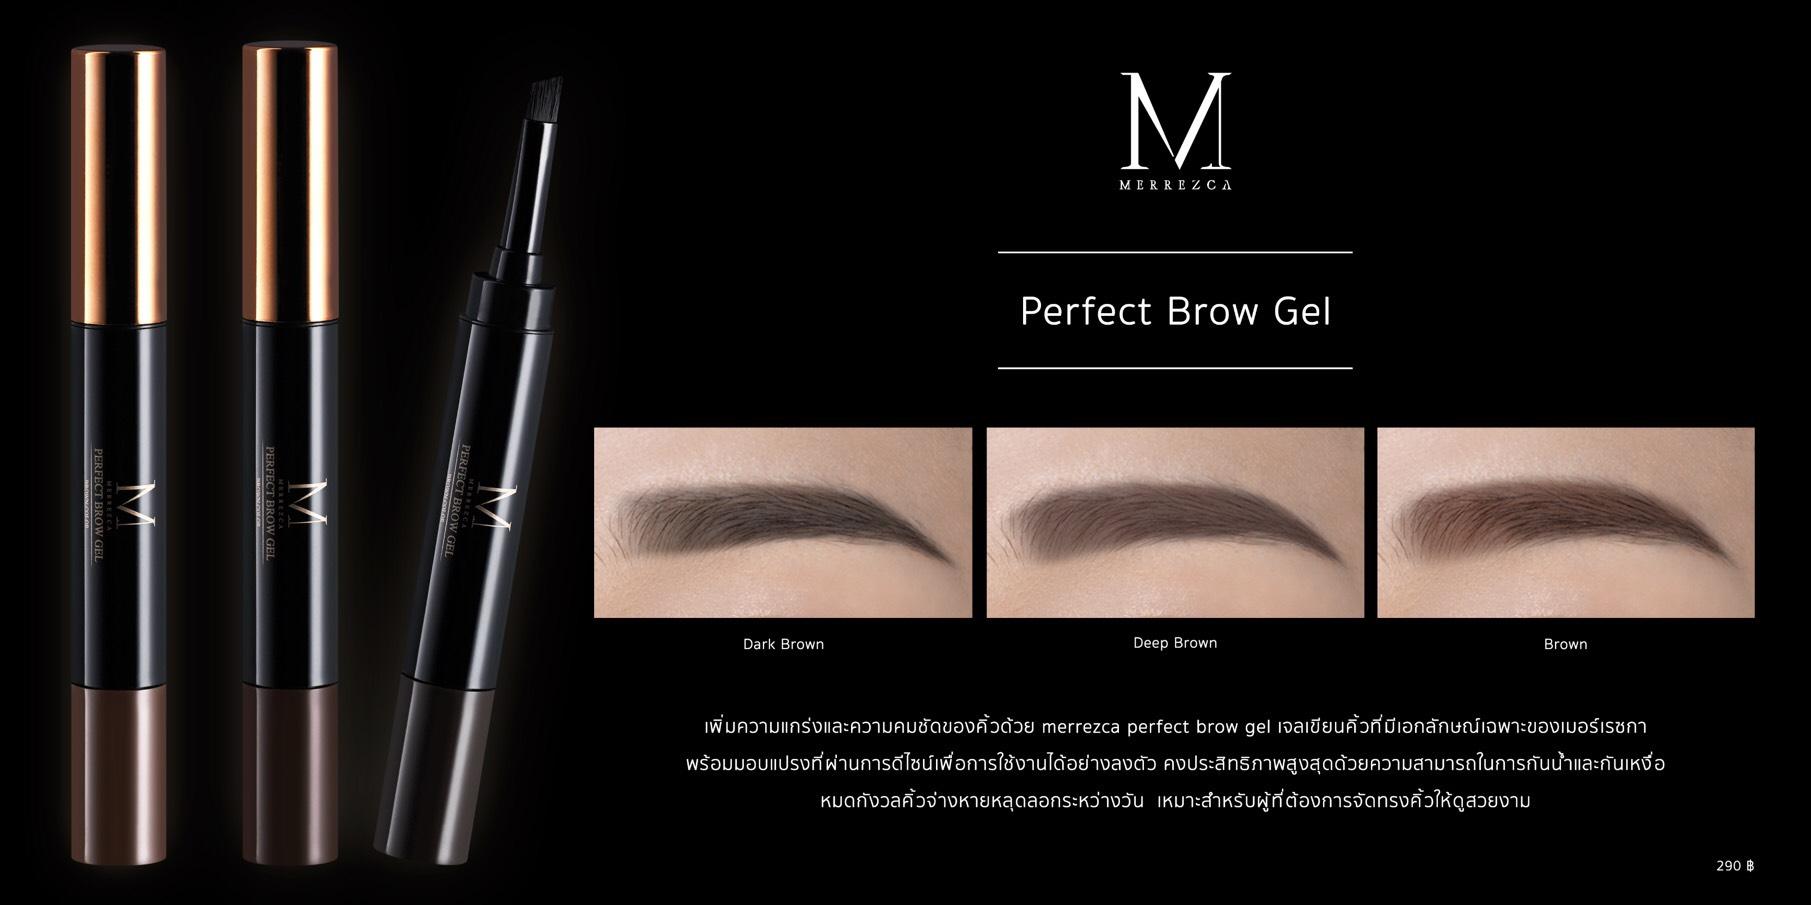 ผลการค้นหารูปภาพสำหรับ Merrezca perfect brow gel